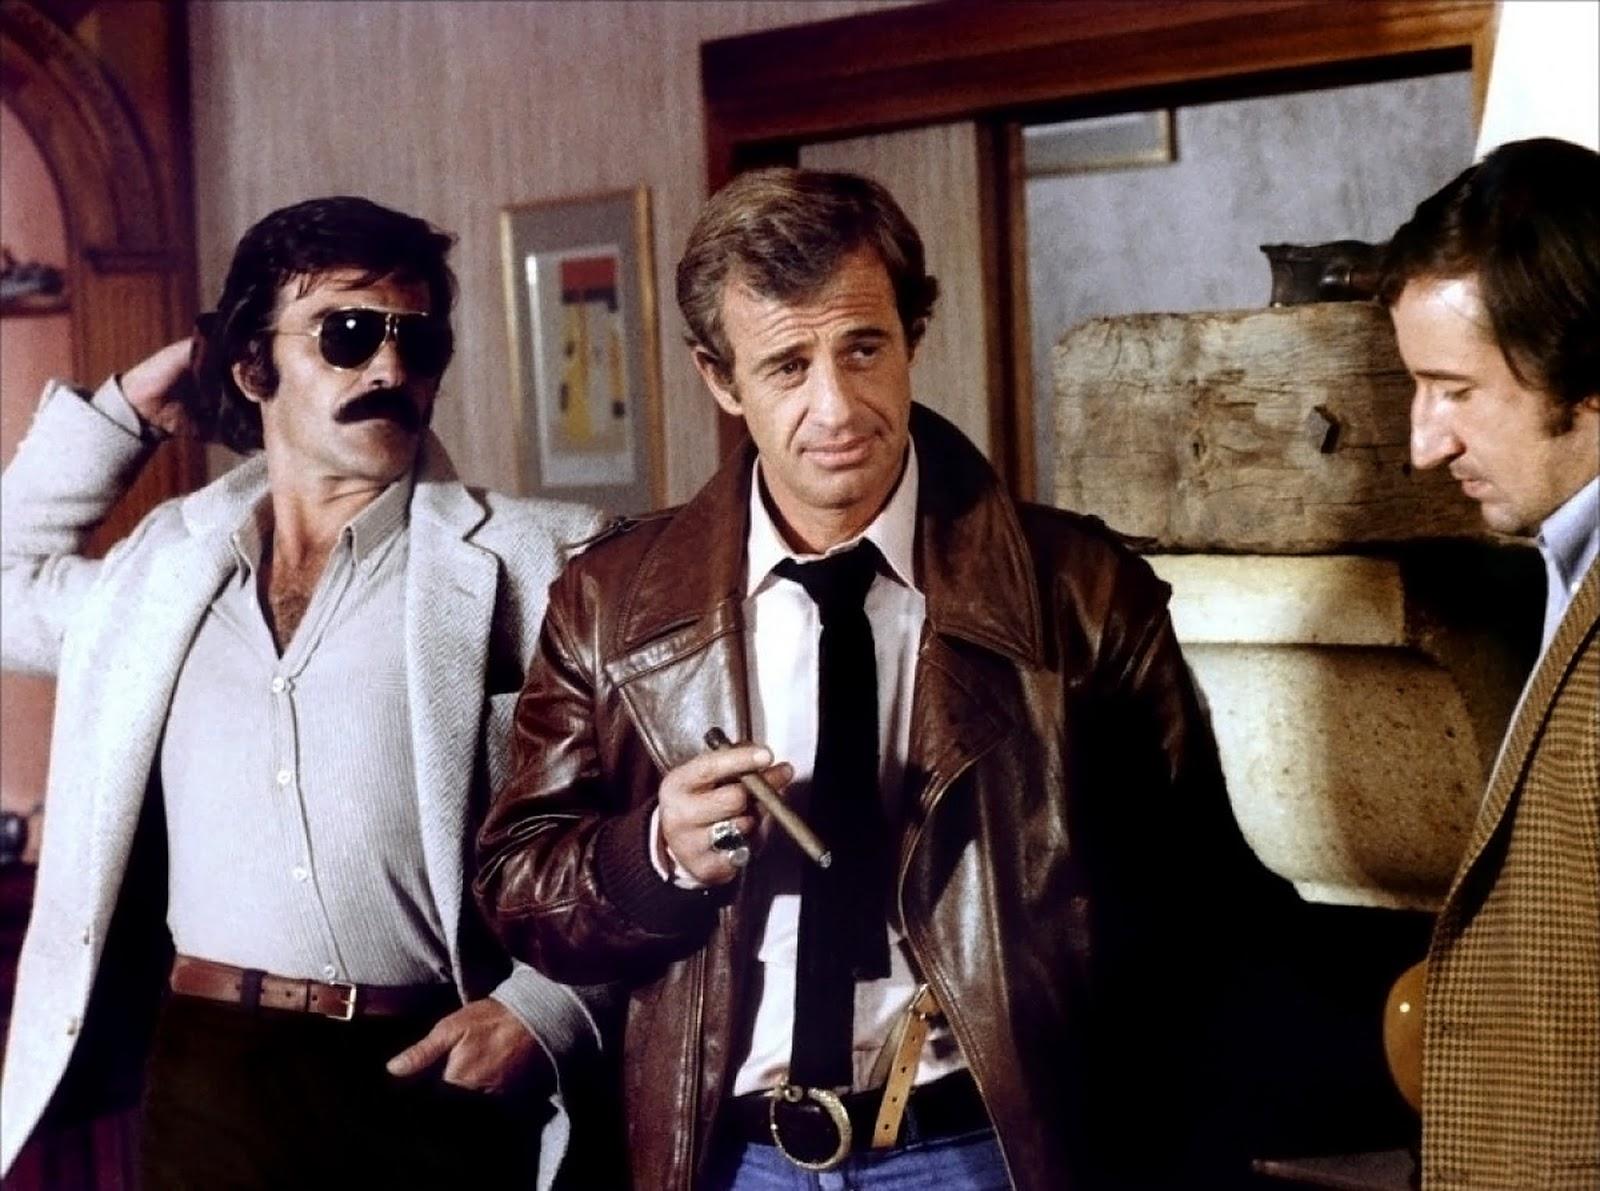 Le nouveau cinéphile: Les meilleures répliques de Flic ou voyou, avec Jean-Paul Belmondo.